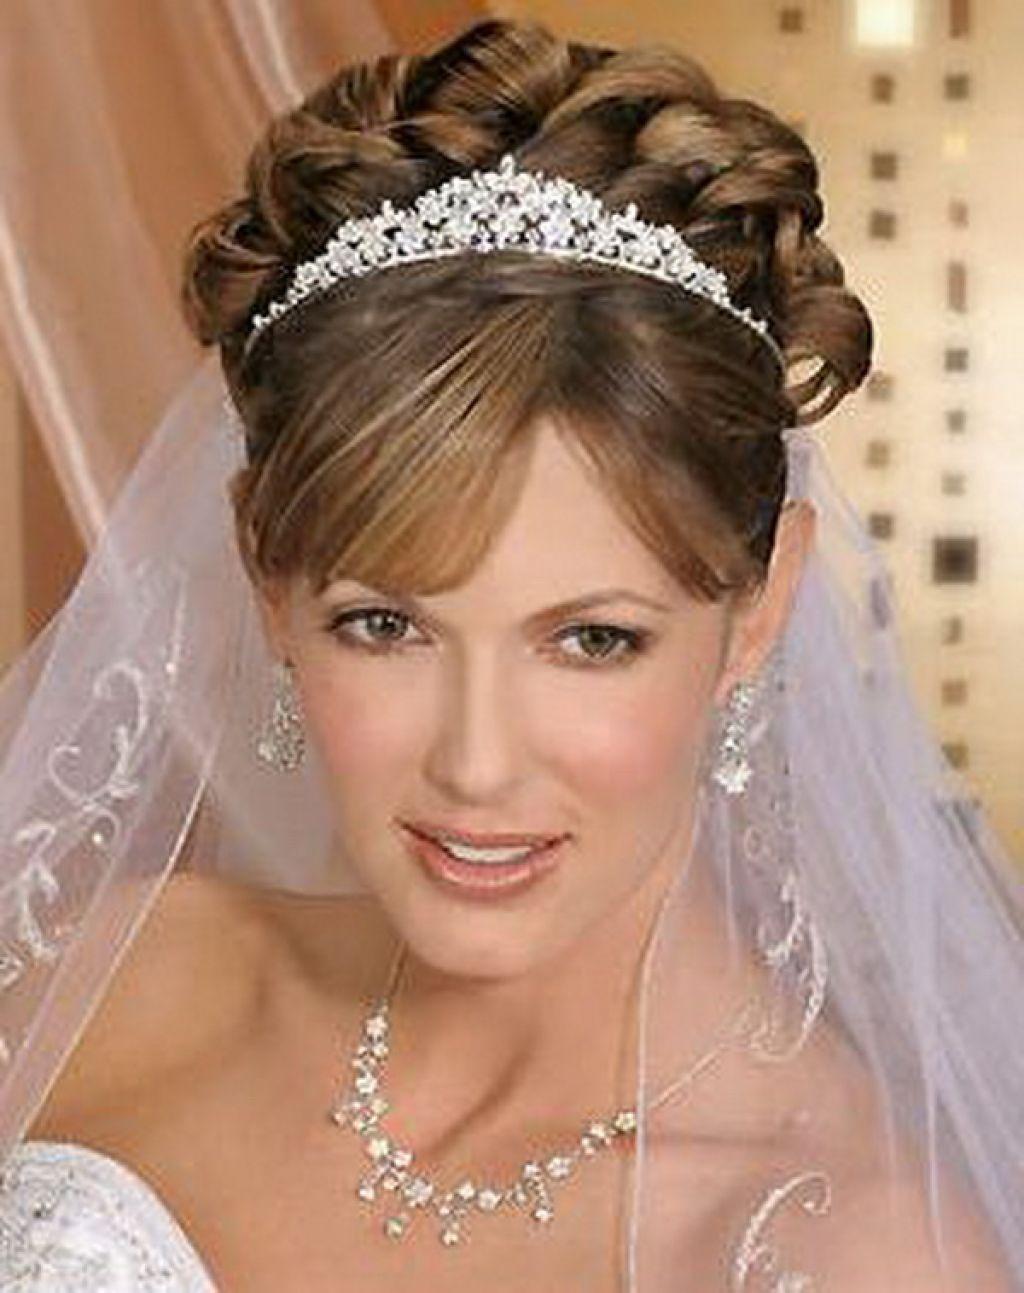 tiara wedding hairstyles ideas for brides , #brides